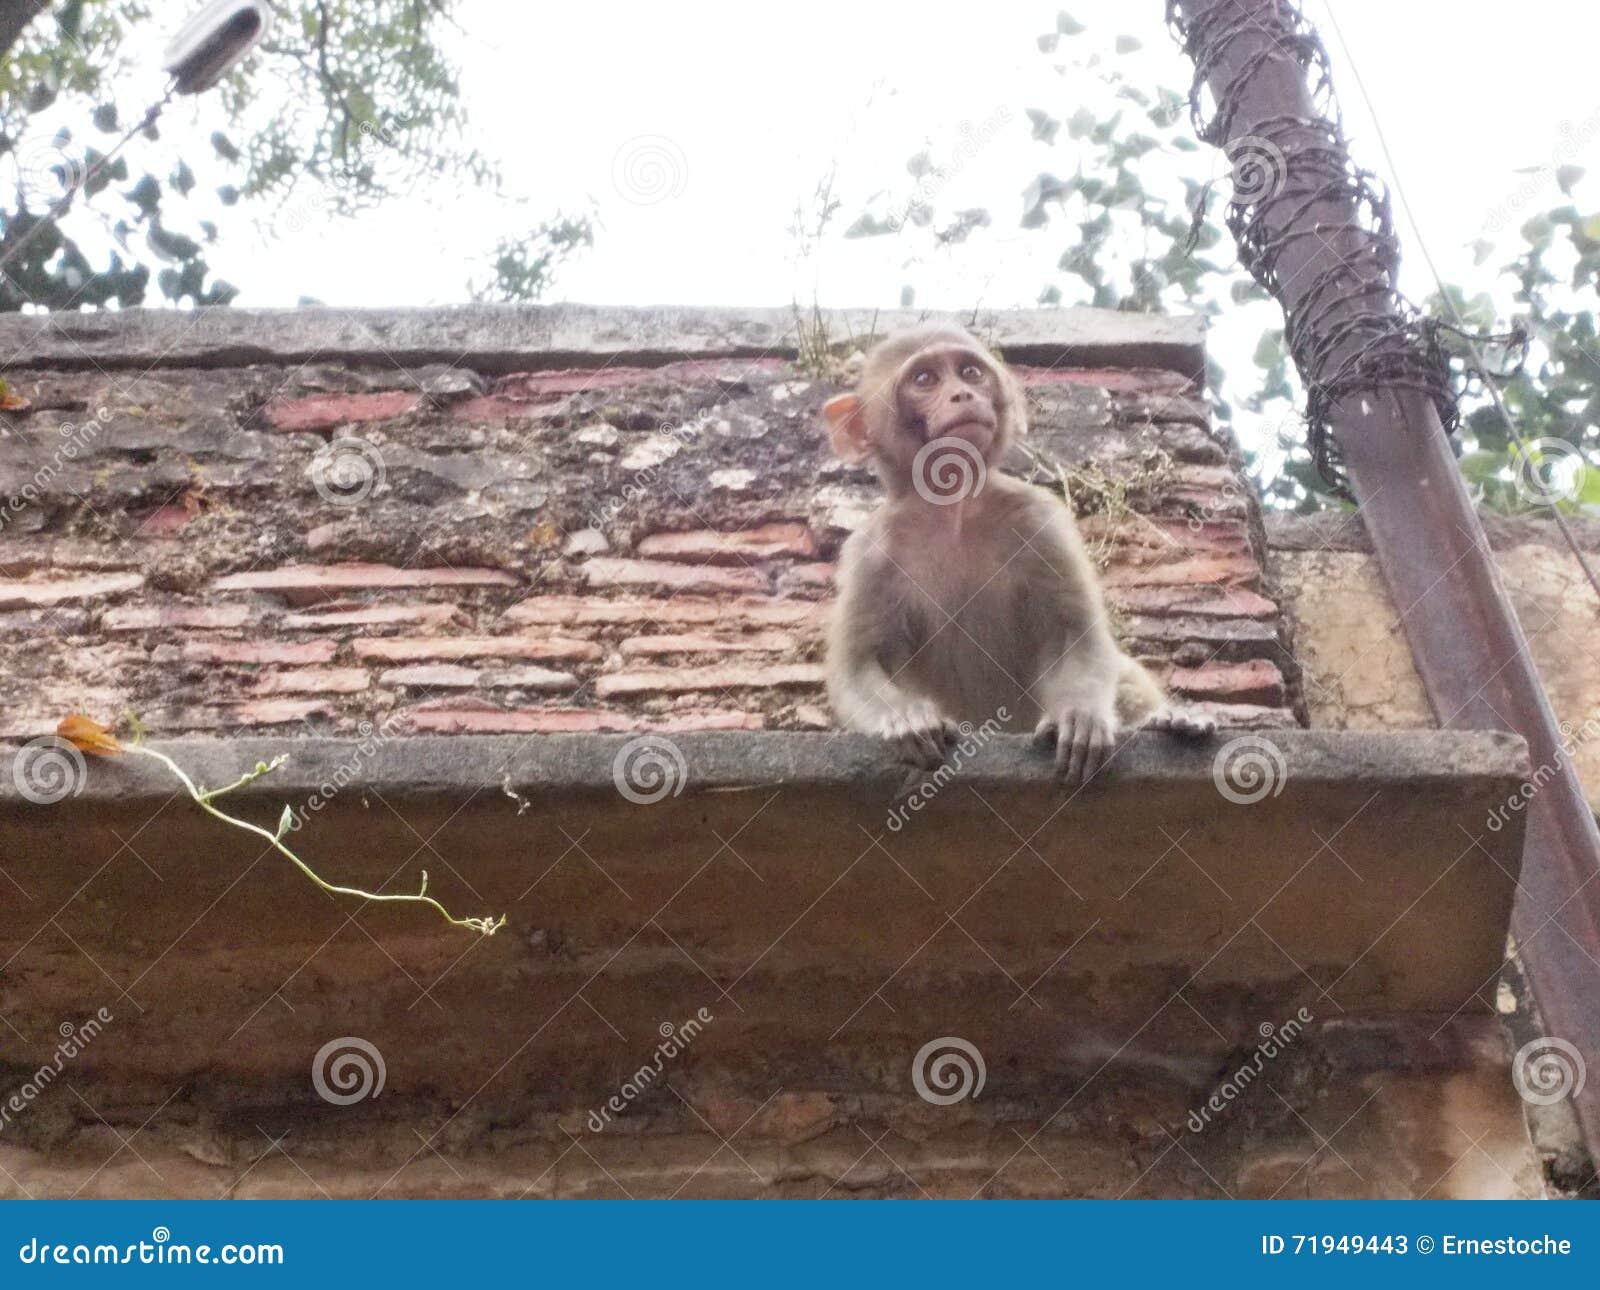 Обезьяна в Священном городе Варанаси в Индии